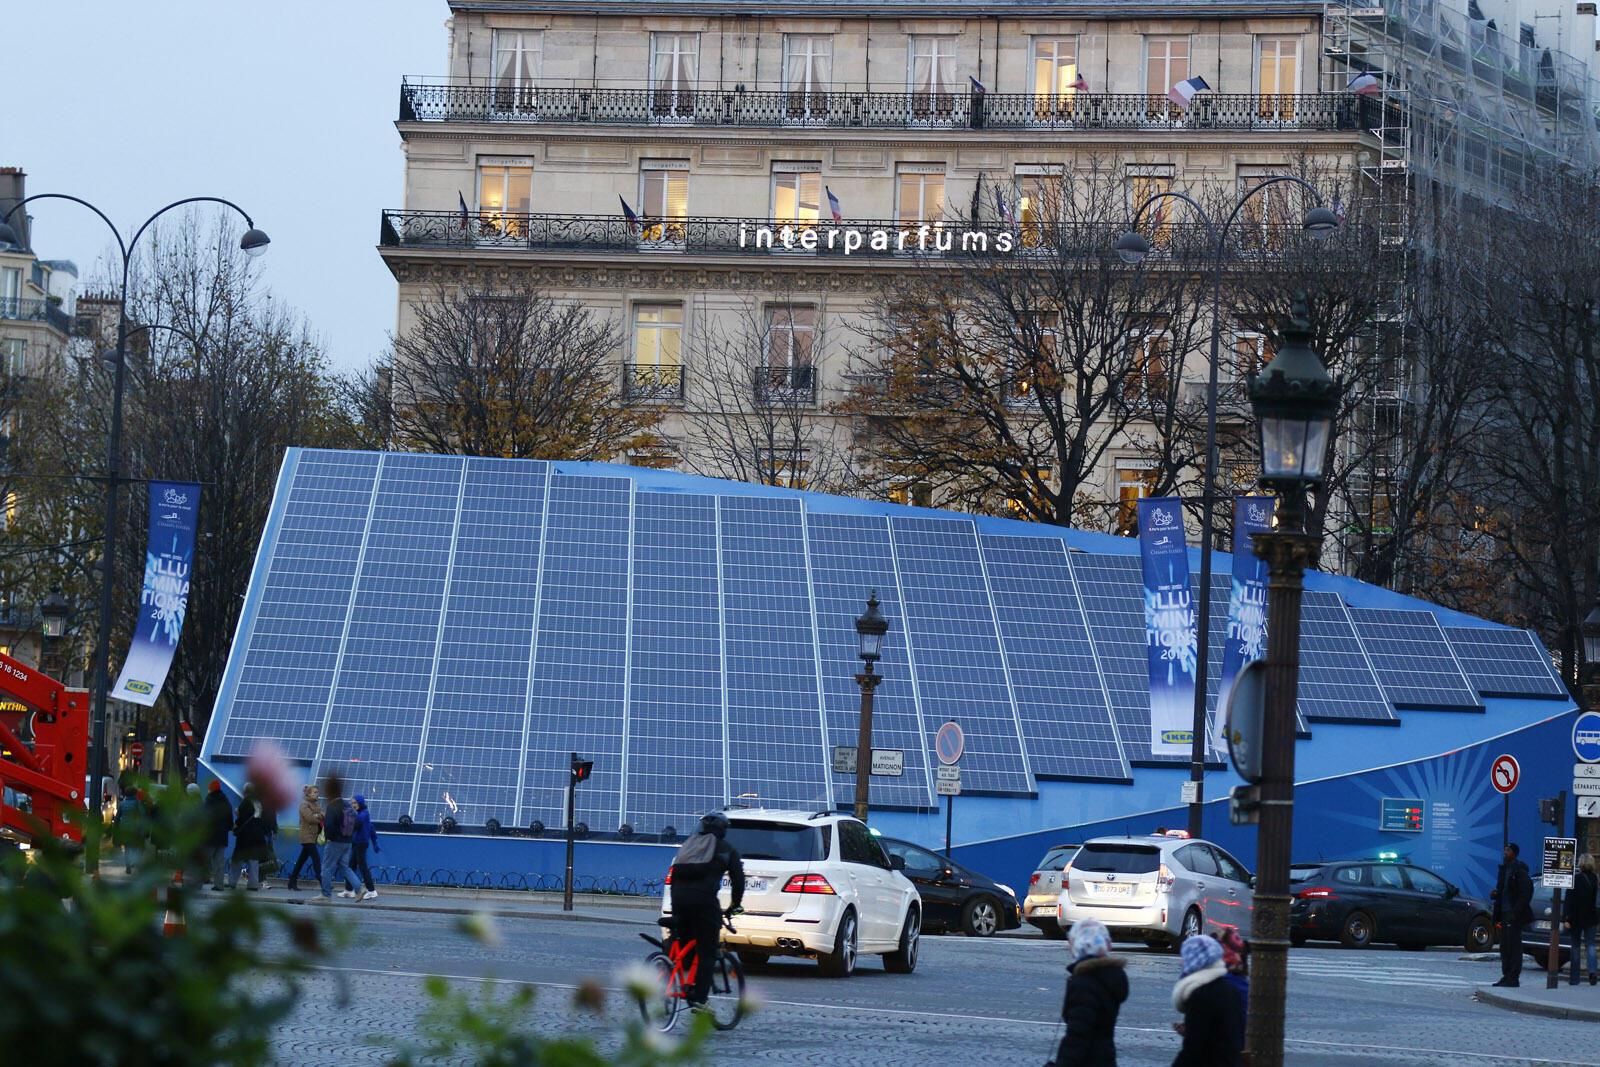 """Phát triển bền vững là một nguồn tạo việc làm quan trọng. Vùng Ile-de-France chiếm 18% việc làm """"xanh"""" toàn quốc. Trong ảnh, 440 tấm pin mặt trời tại đại lộ Champs-Elysées trong dịp COP21."""